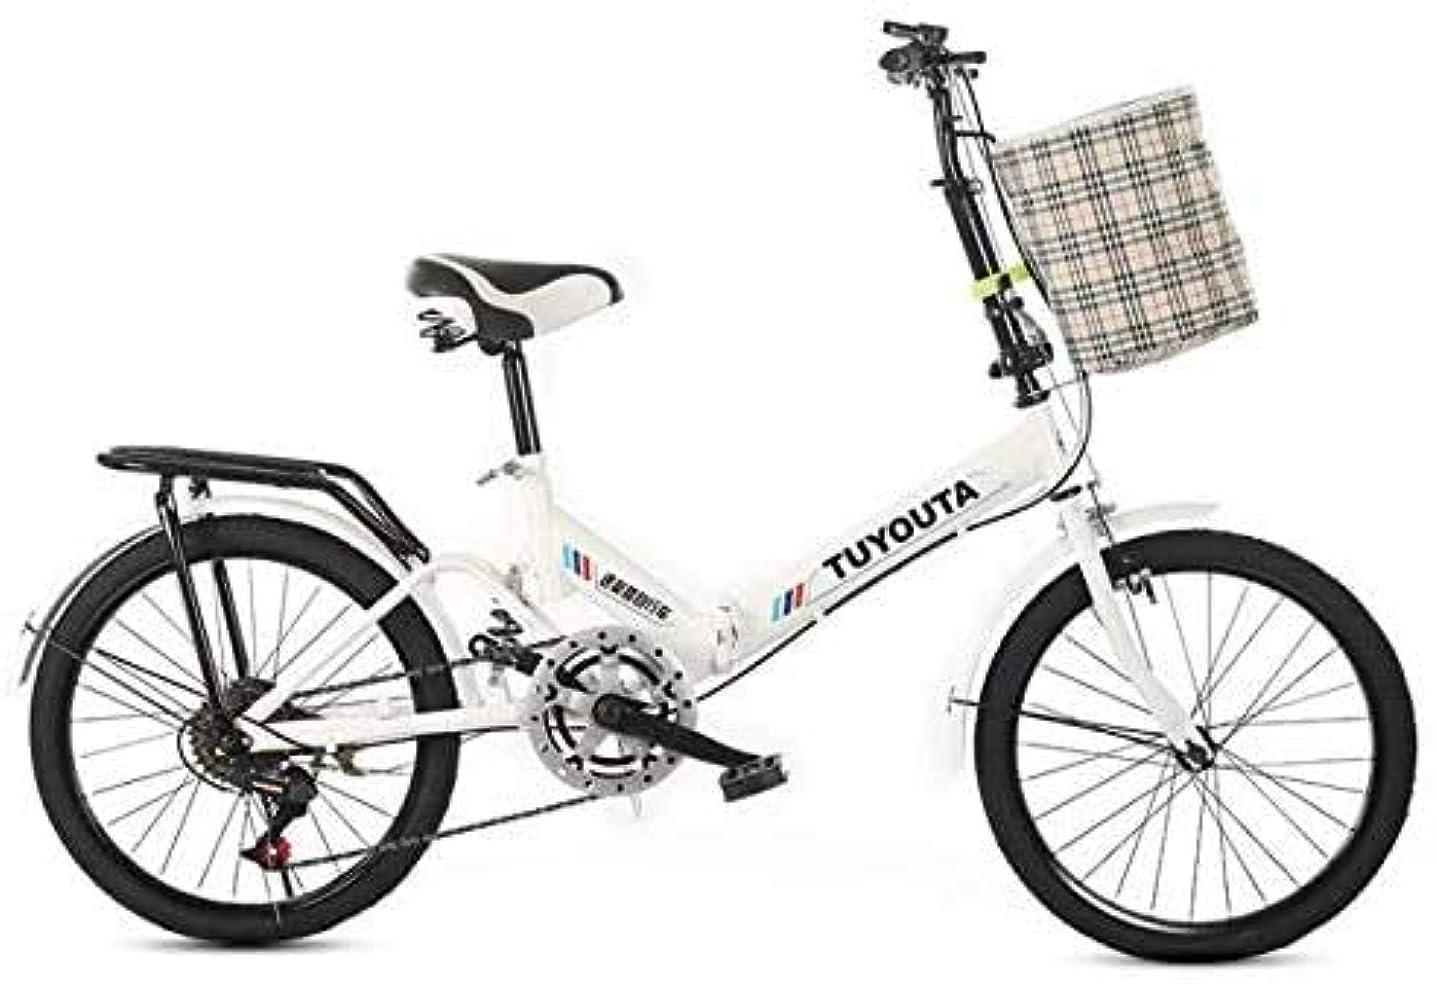 濃度義務的ウイルス20インチの可変速折りたたみ自転車ポータブルミニサイズ都市ユニセックス?アダルト学生バイクリアサスペンションスポークホイール,白い